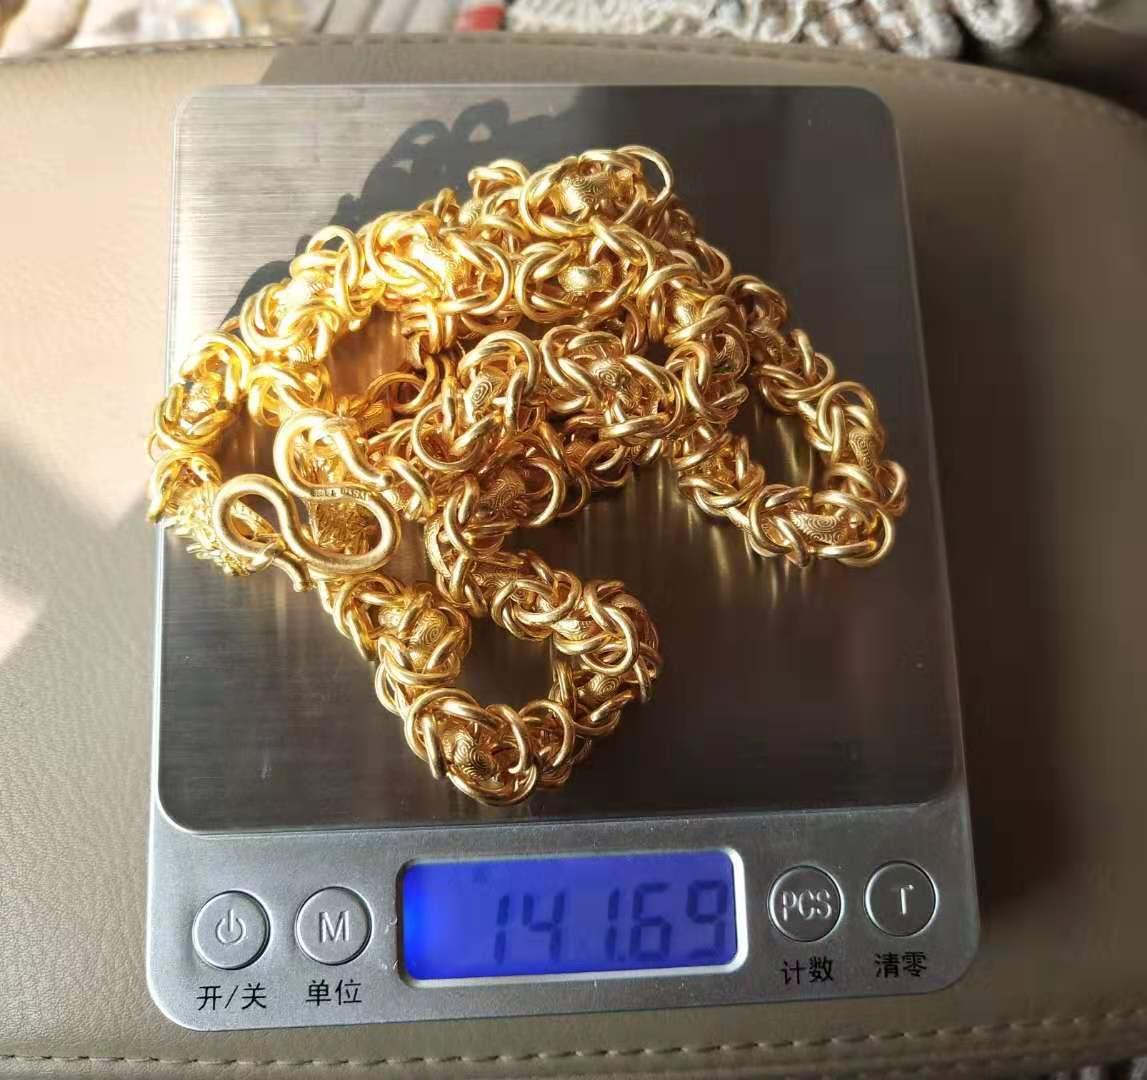 天津二手黄金回收价格,千足金黄金项链回收价格